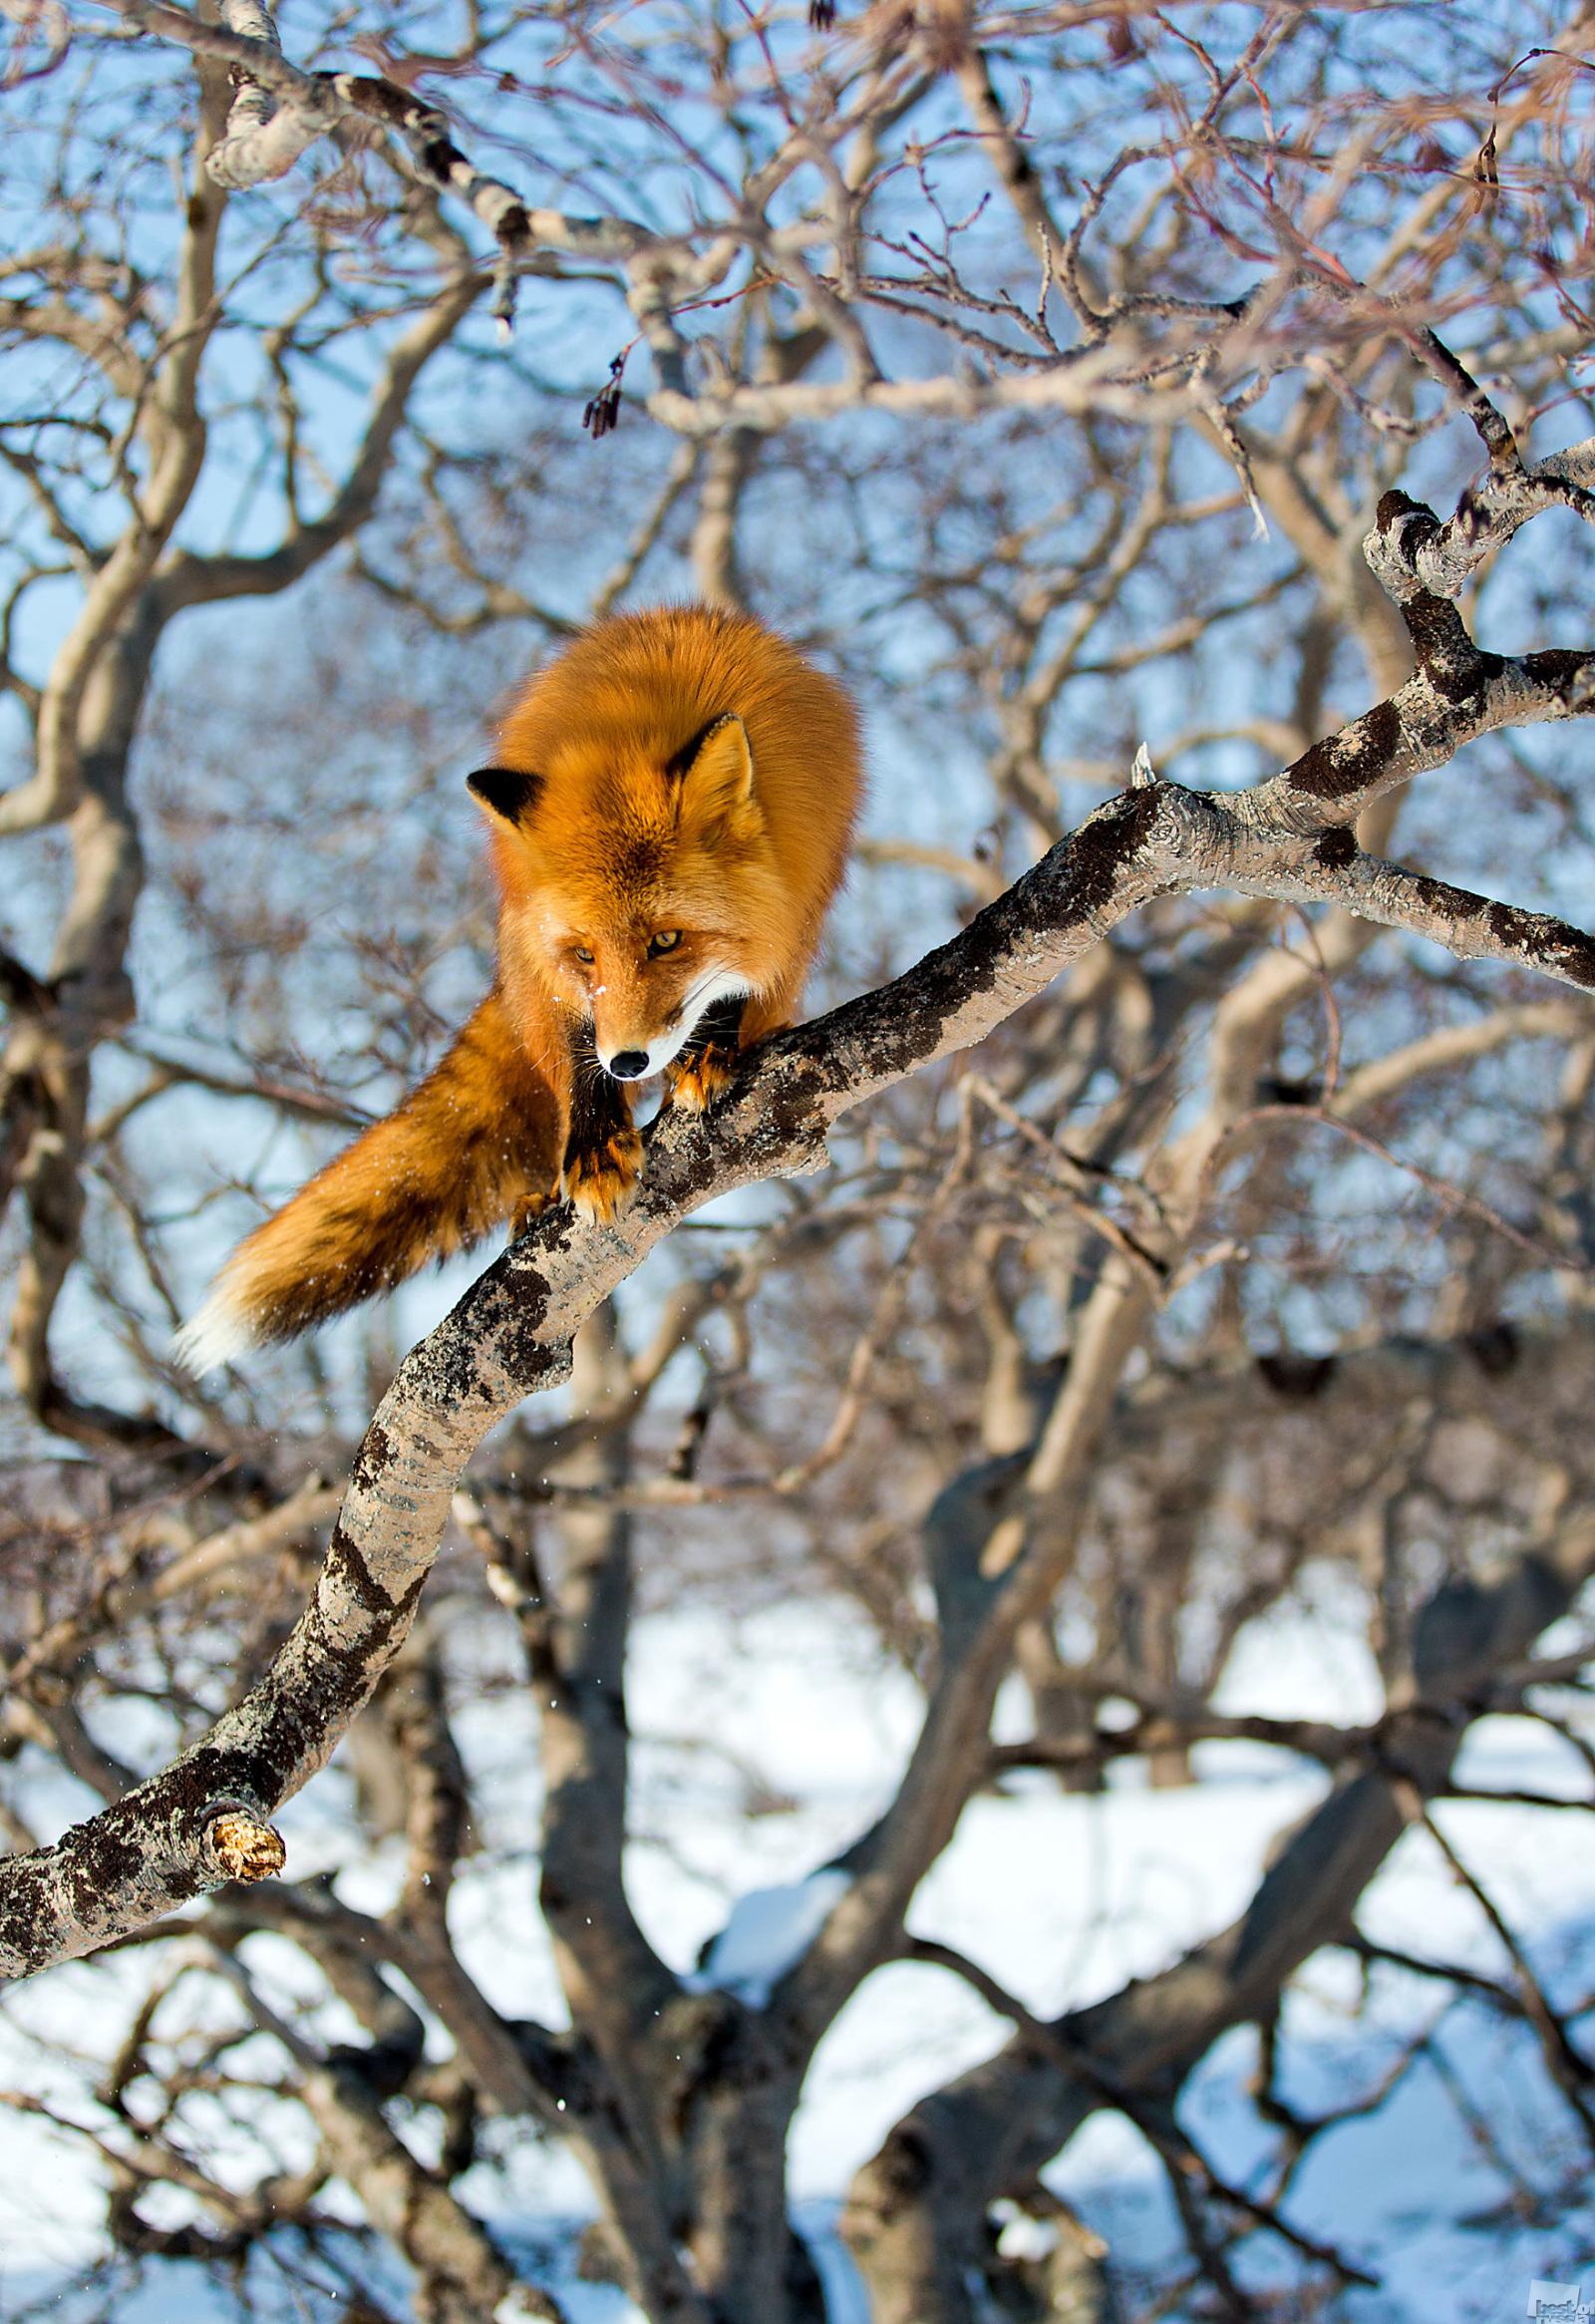 Das Kronozki-Biosphärenreservat, März 2013. Füchse können anscheinend klettern, vor allem, wenn der Baum leicht geneigt ist oder seine Zweige nicht so hoch über dem Boden hängen. Der Grazie nach zu schließen, mit der dieser Fuchs von Ast zu Ast springt, ist ihm dieser Sport sehr vertraut. Biosphärenreservat Kronozki, Region Kamtschatka